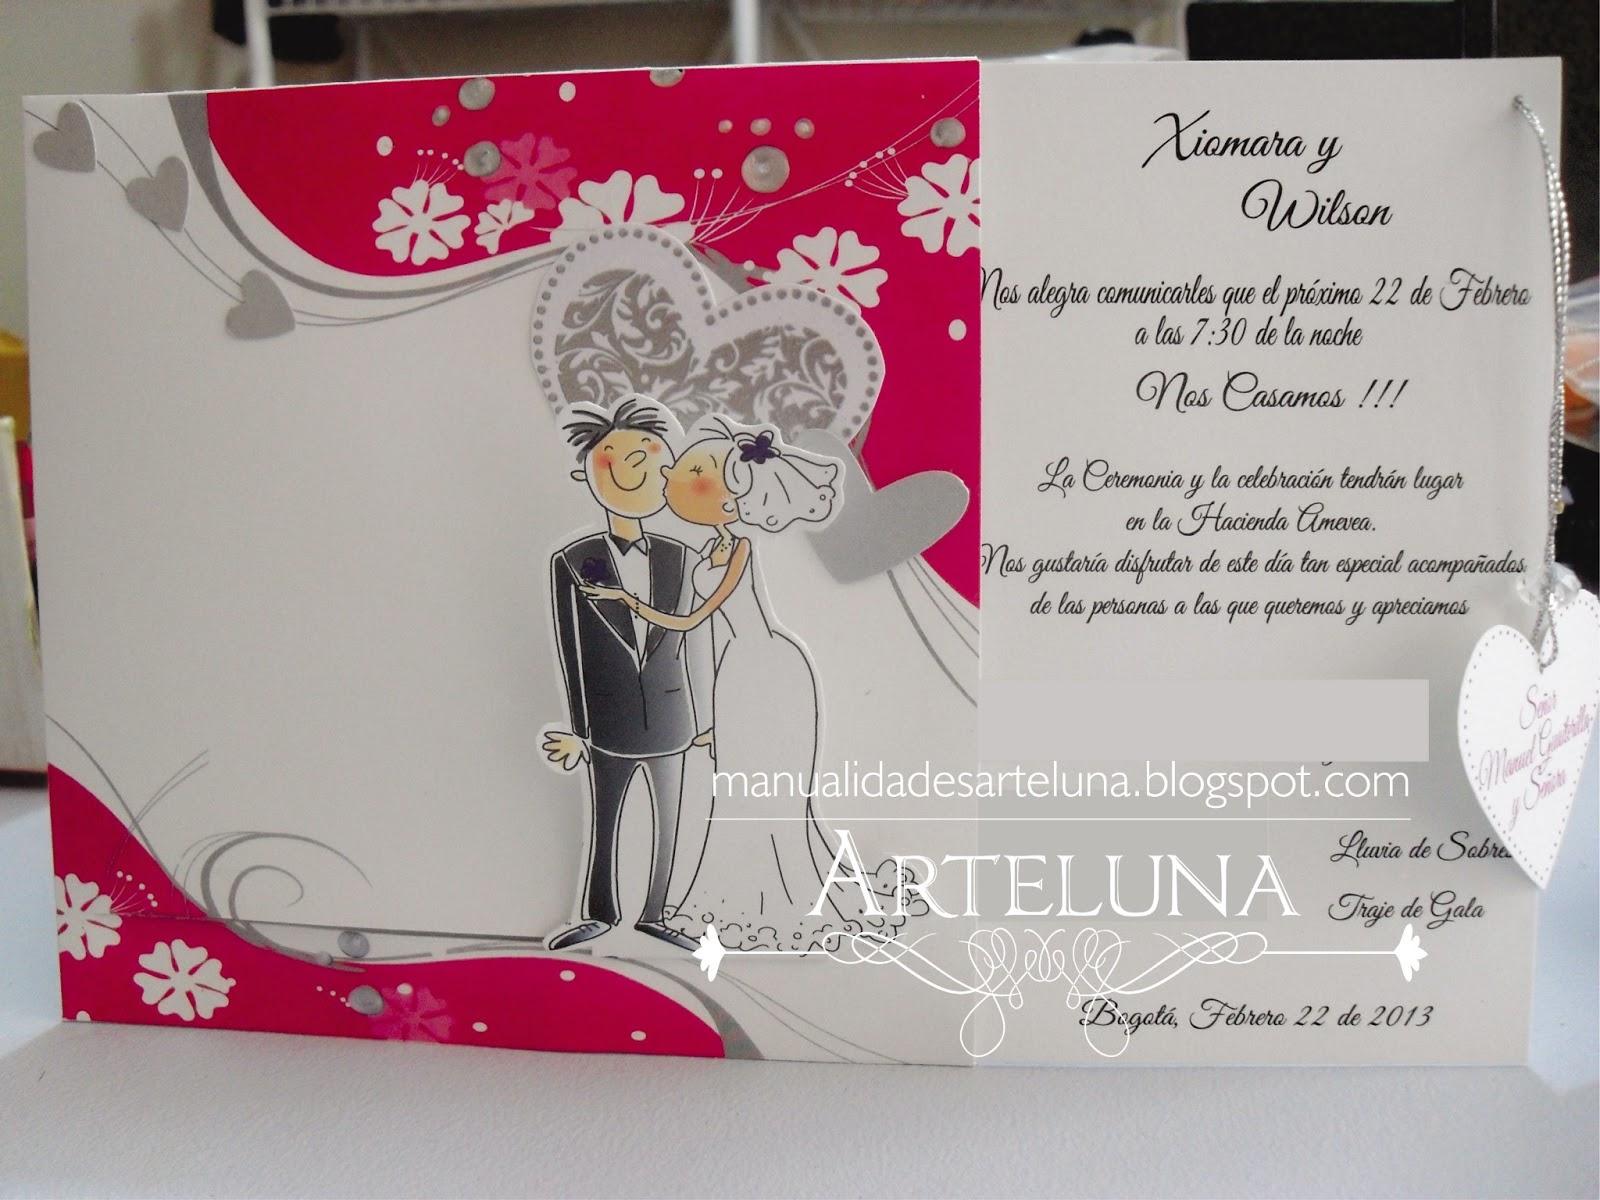 Arte luna tarjetas de matrimonio - Modelos de tarjetas de boda ...